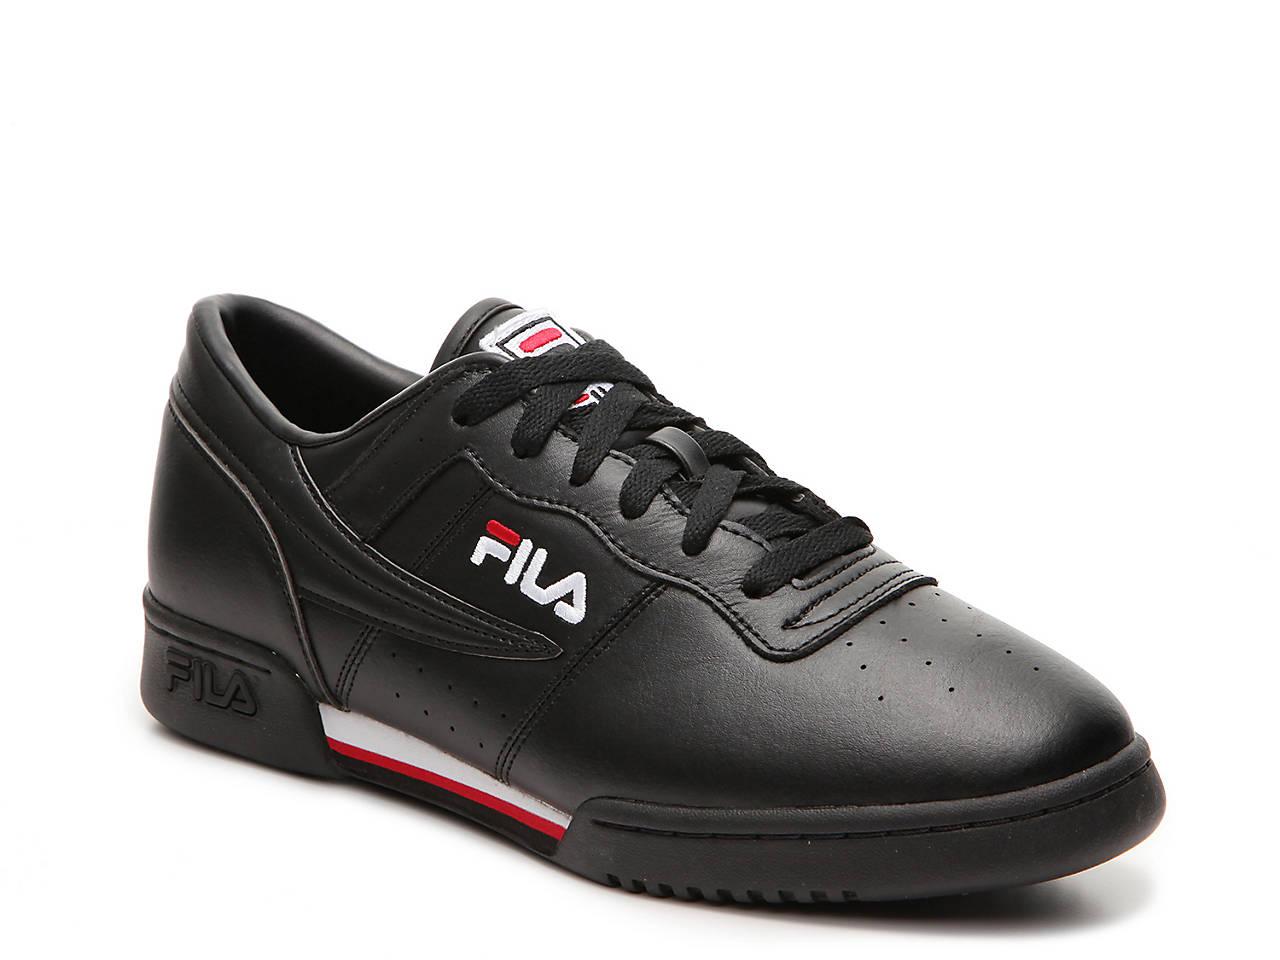 5cb5a0f9a2f78a Fila Original Fitness Sneaker - Men s Men s Shoes